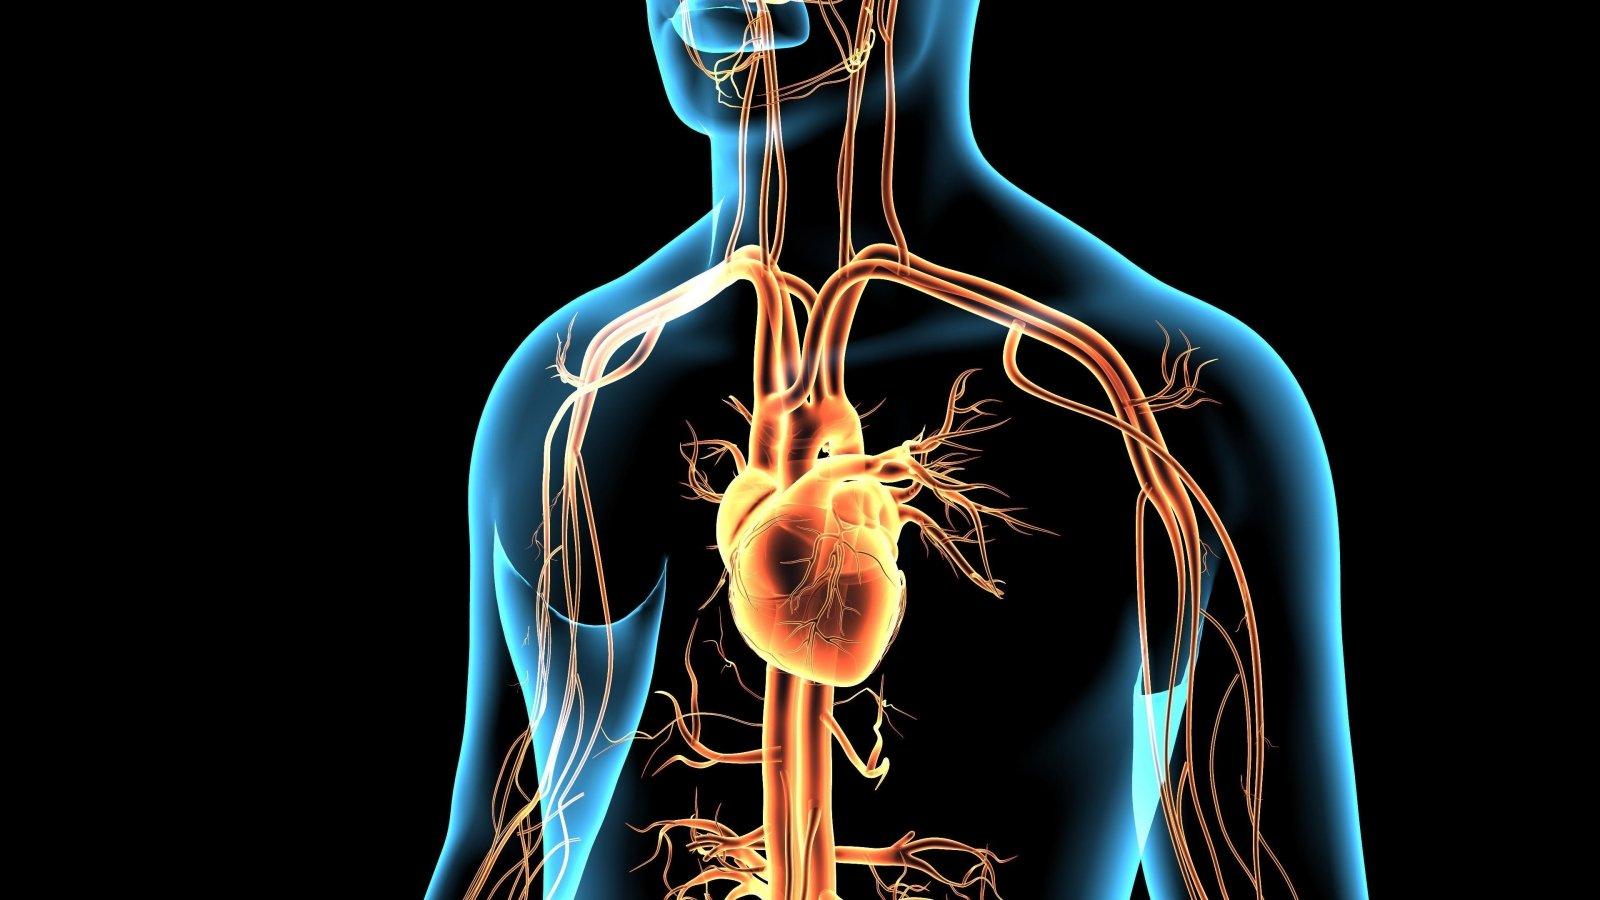 LSMU mokslininkai sukūrė unikalų vaistą nuo širdies aritmijos - LRT